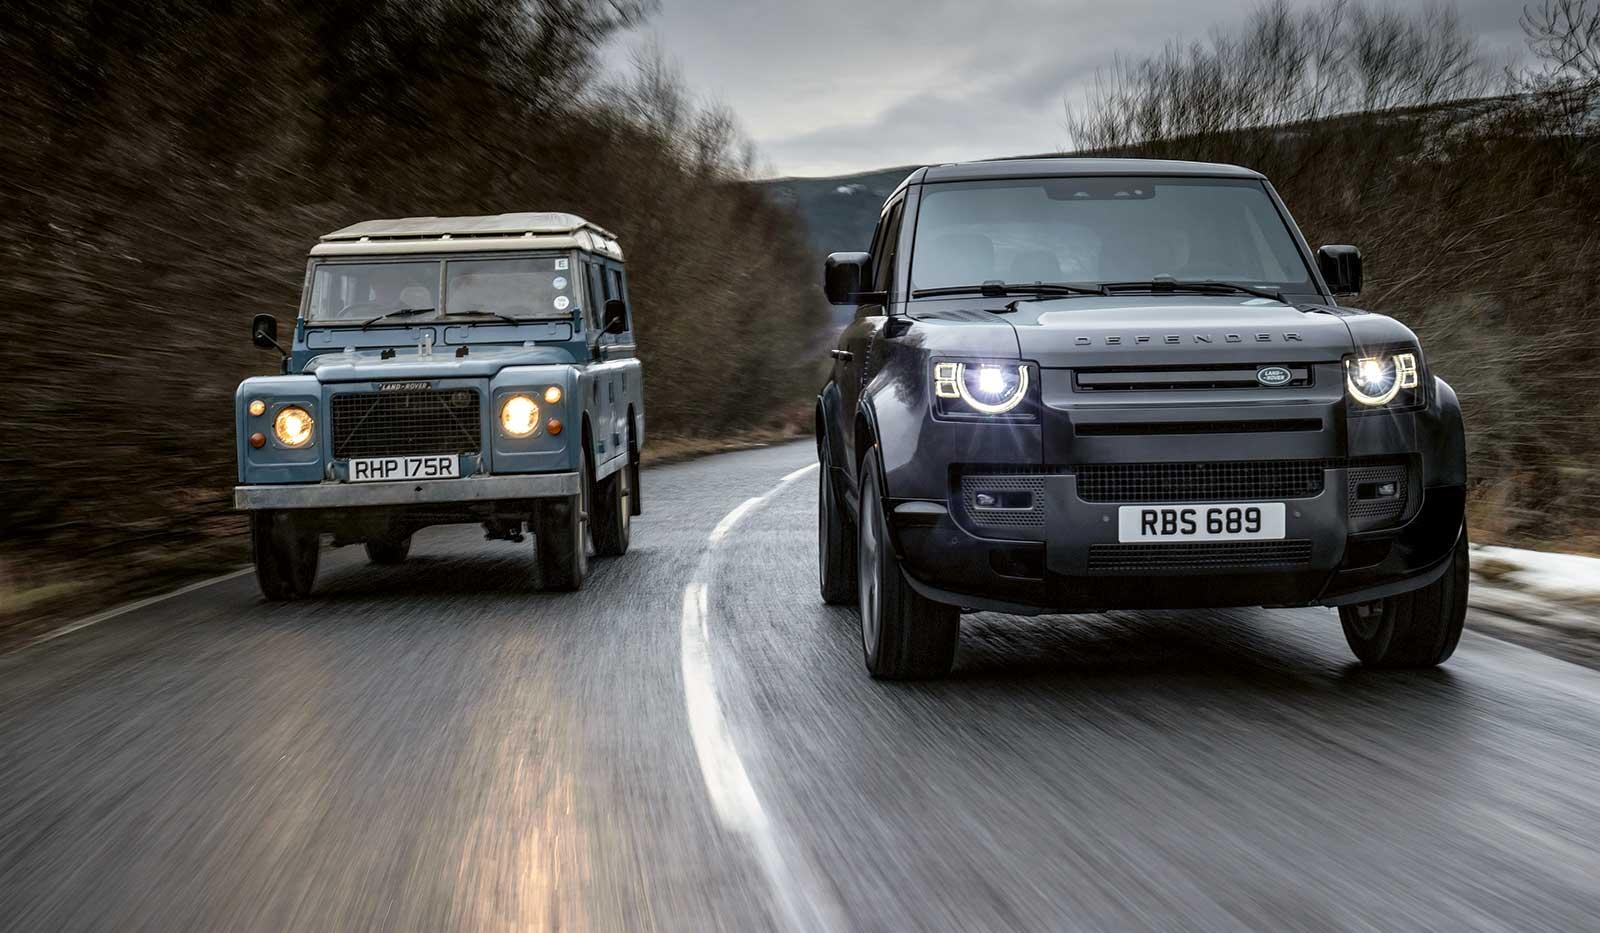 landrover defender - Der Klassiker kehrt zurück – Land Rover Defender